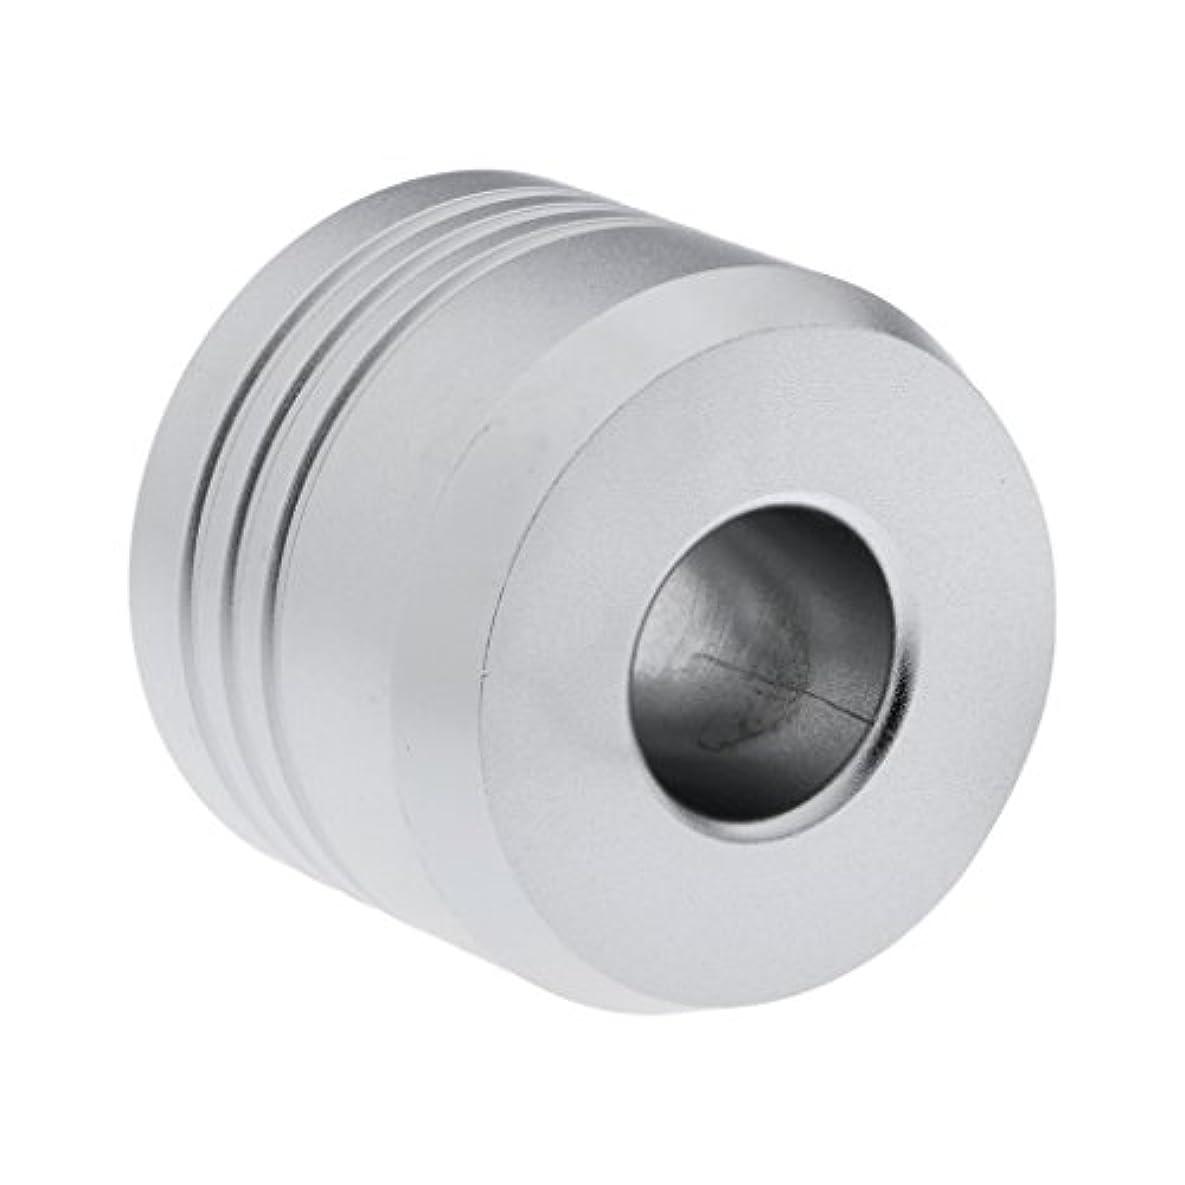 テレックス筋肉のセマフォHomyl カミソリスタンド スタンド シェービング カミソリホルダー ベース サポート 調節可 ミニサイズ デザイン 場所を節約 2色選べ   - 銀